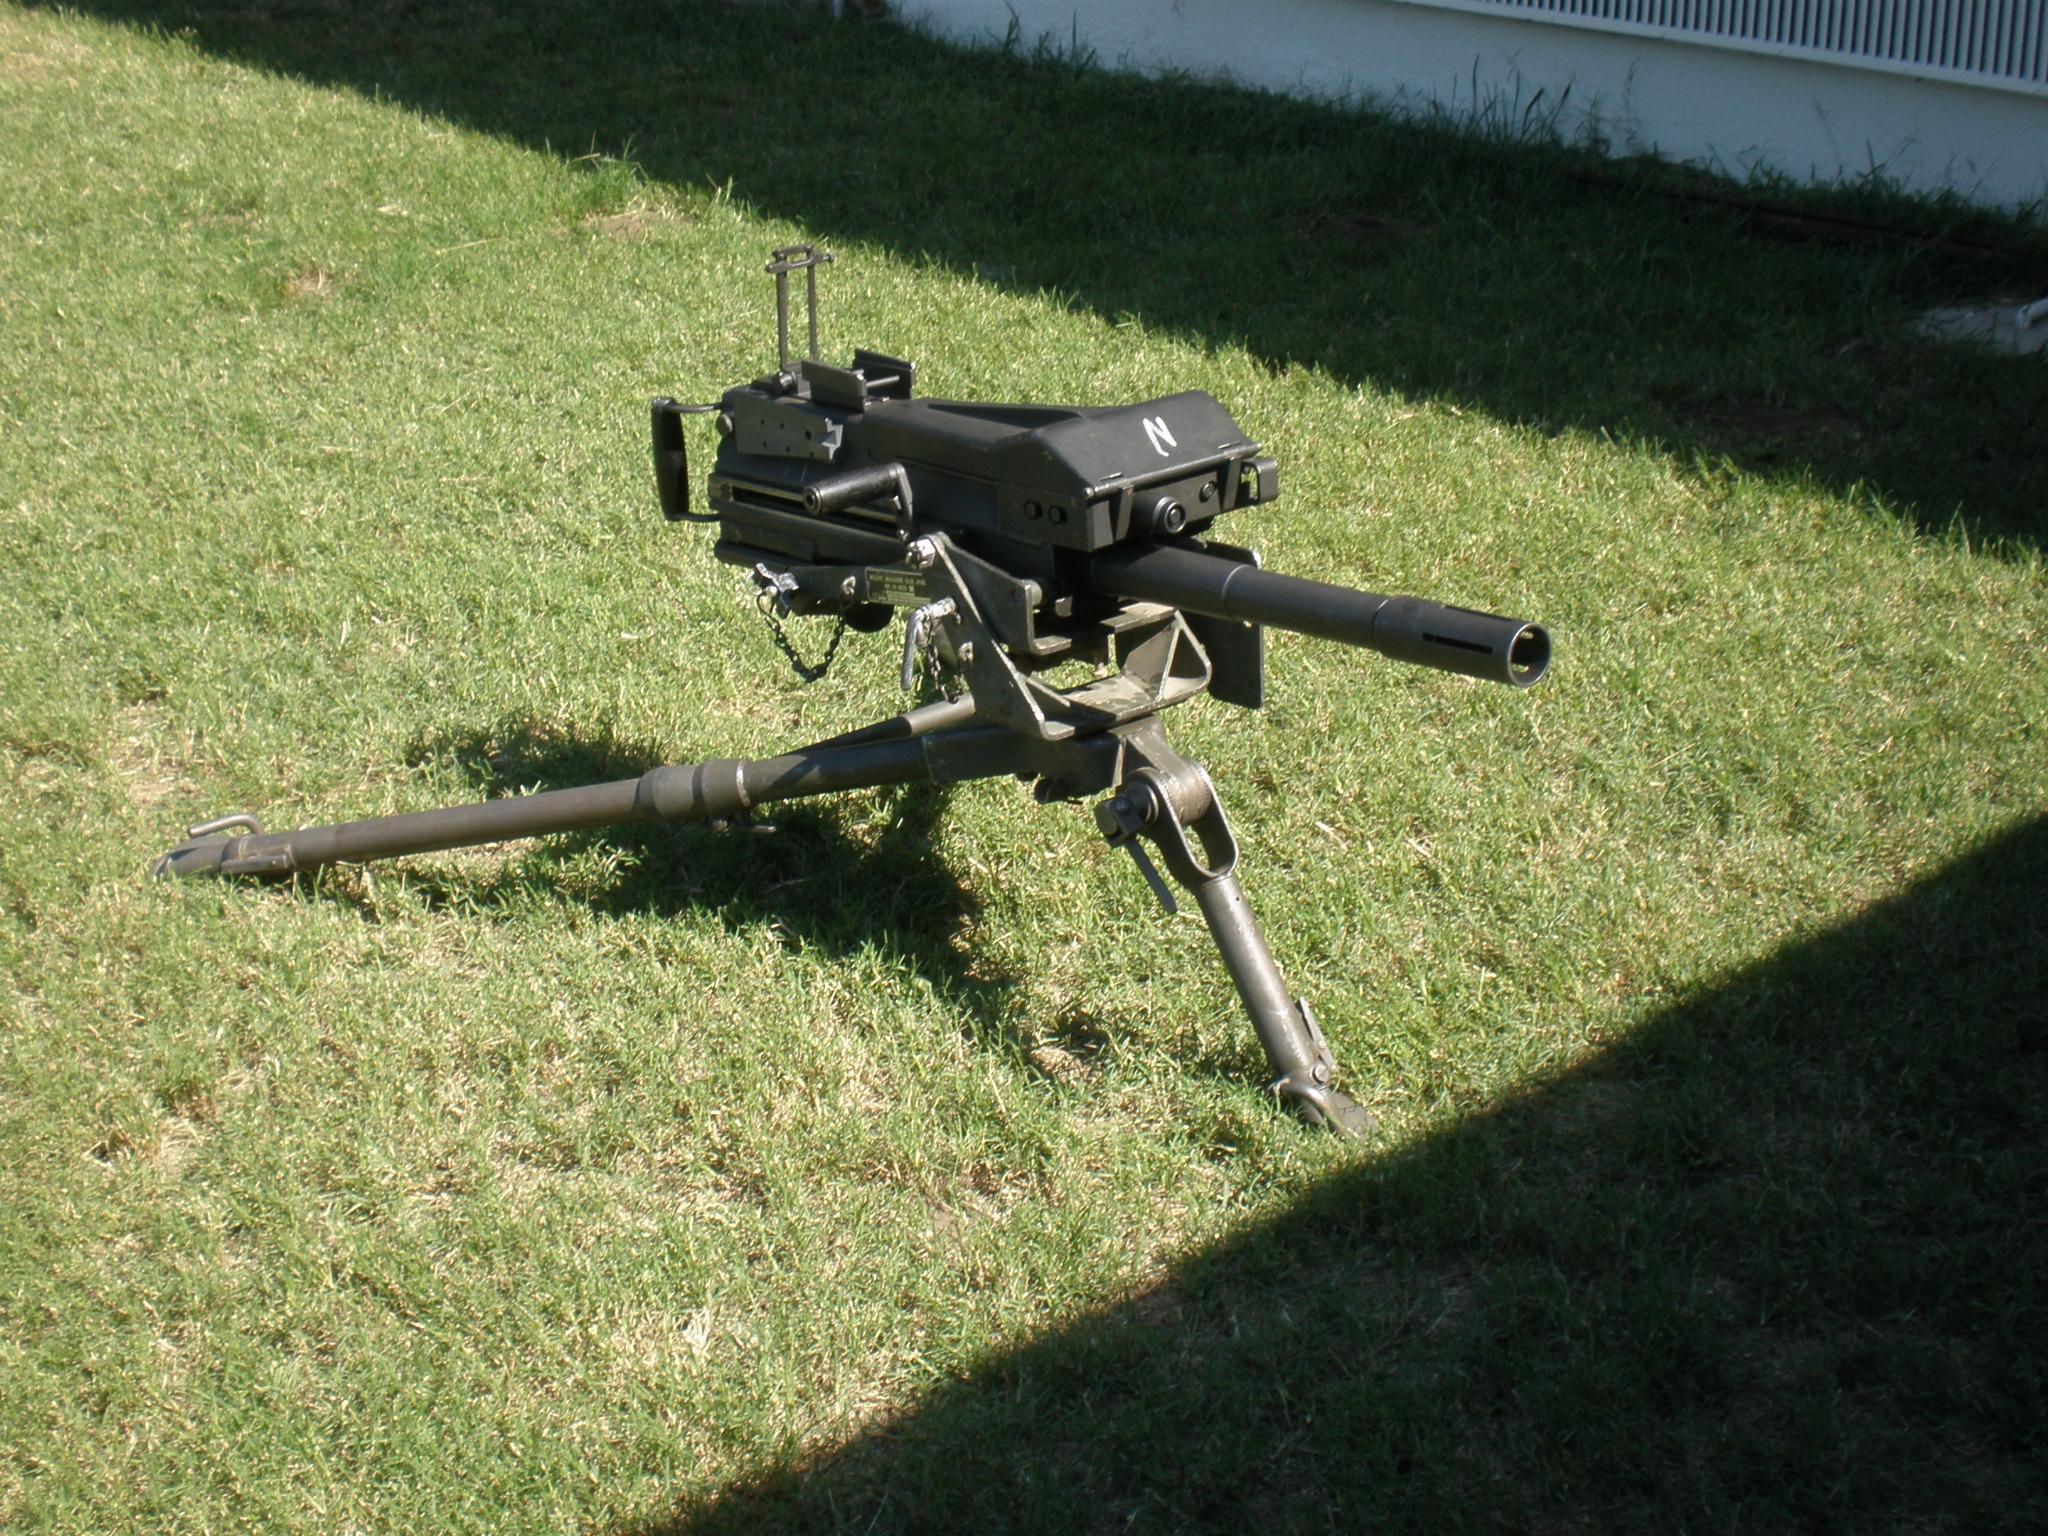 قاذف القنابل (الرمان) بأنواعها  Mk_19_grenade_launcher_by_darksamuraix1999